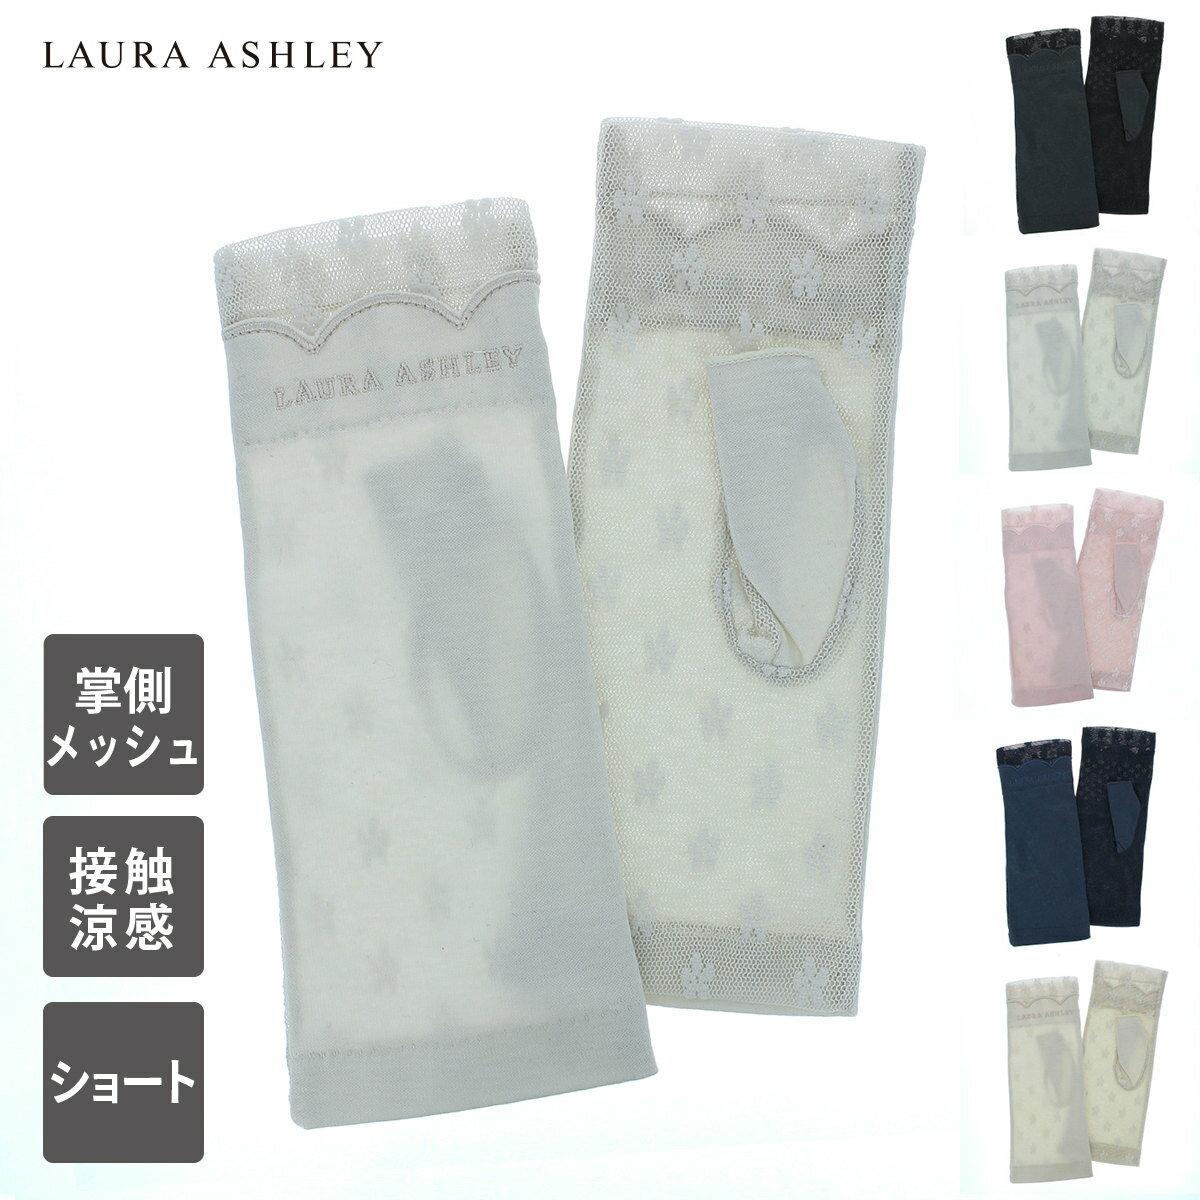 ローラ アシュレイ 指なし UVカット UV手袋   てぶくろ ギフト プレゼント 21cm ショート丈 保湿 ひんやり触感 おしゃれ 通勤 通学